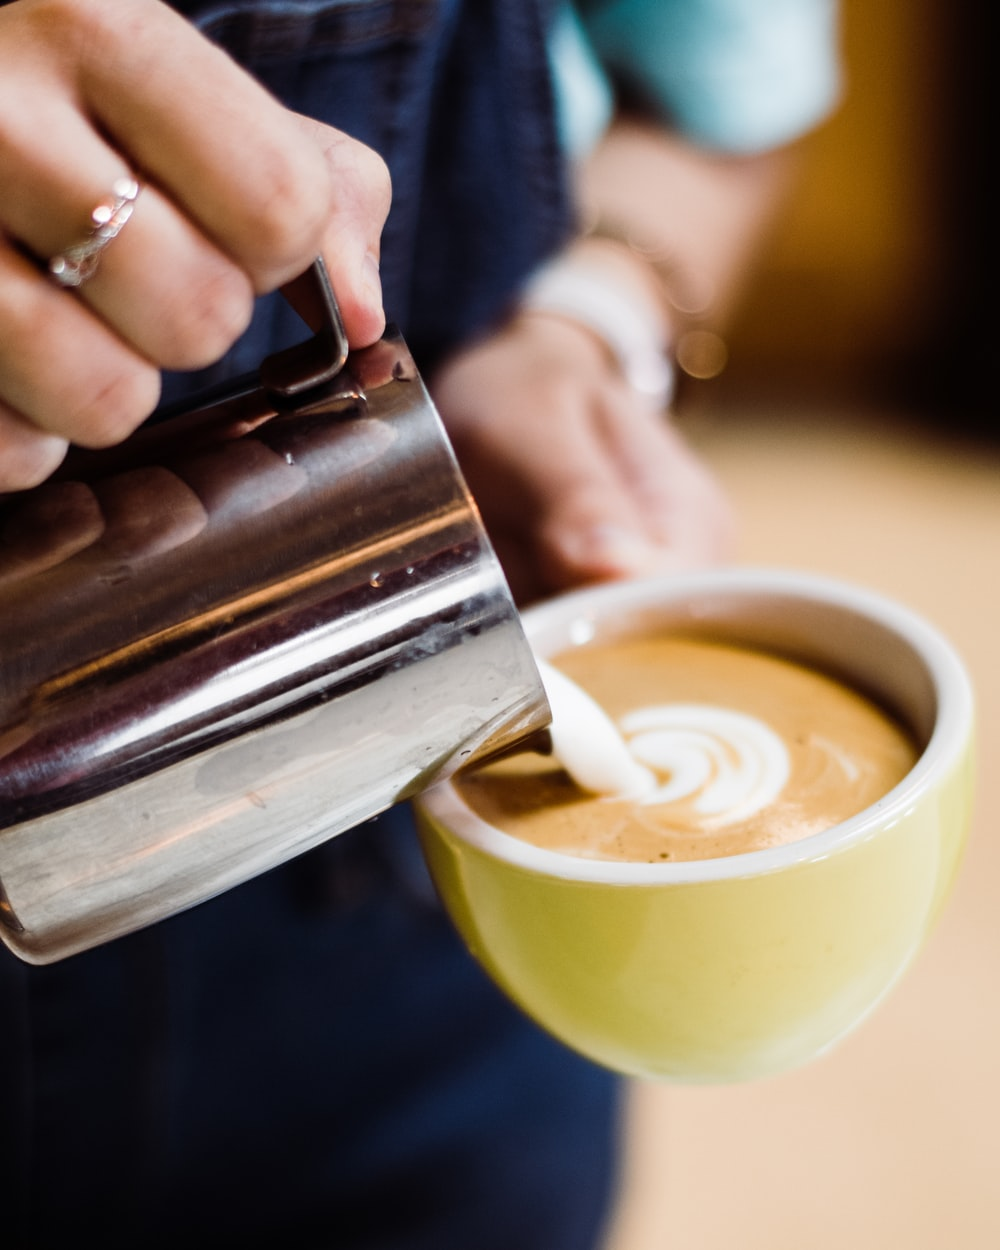 person pouring milk in cappuccino